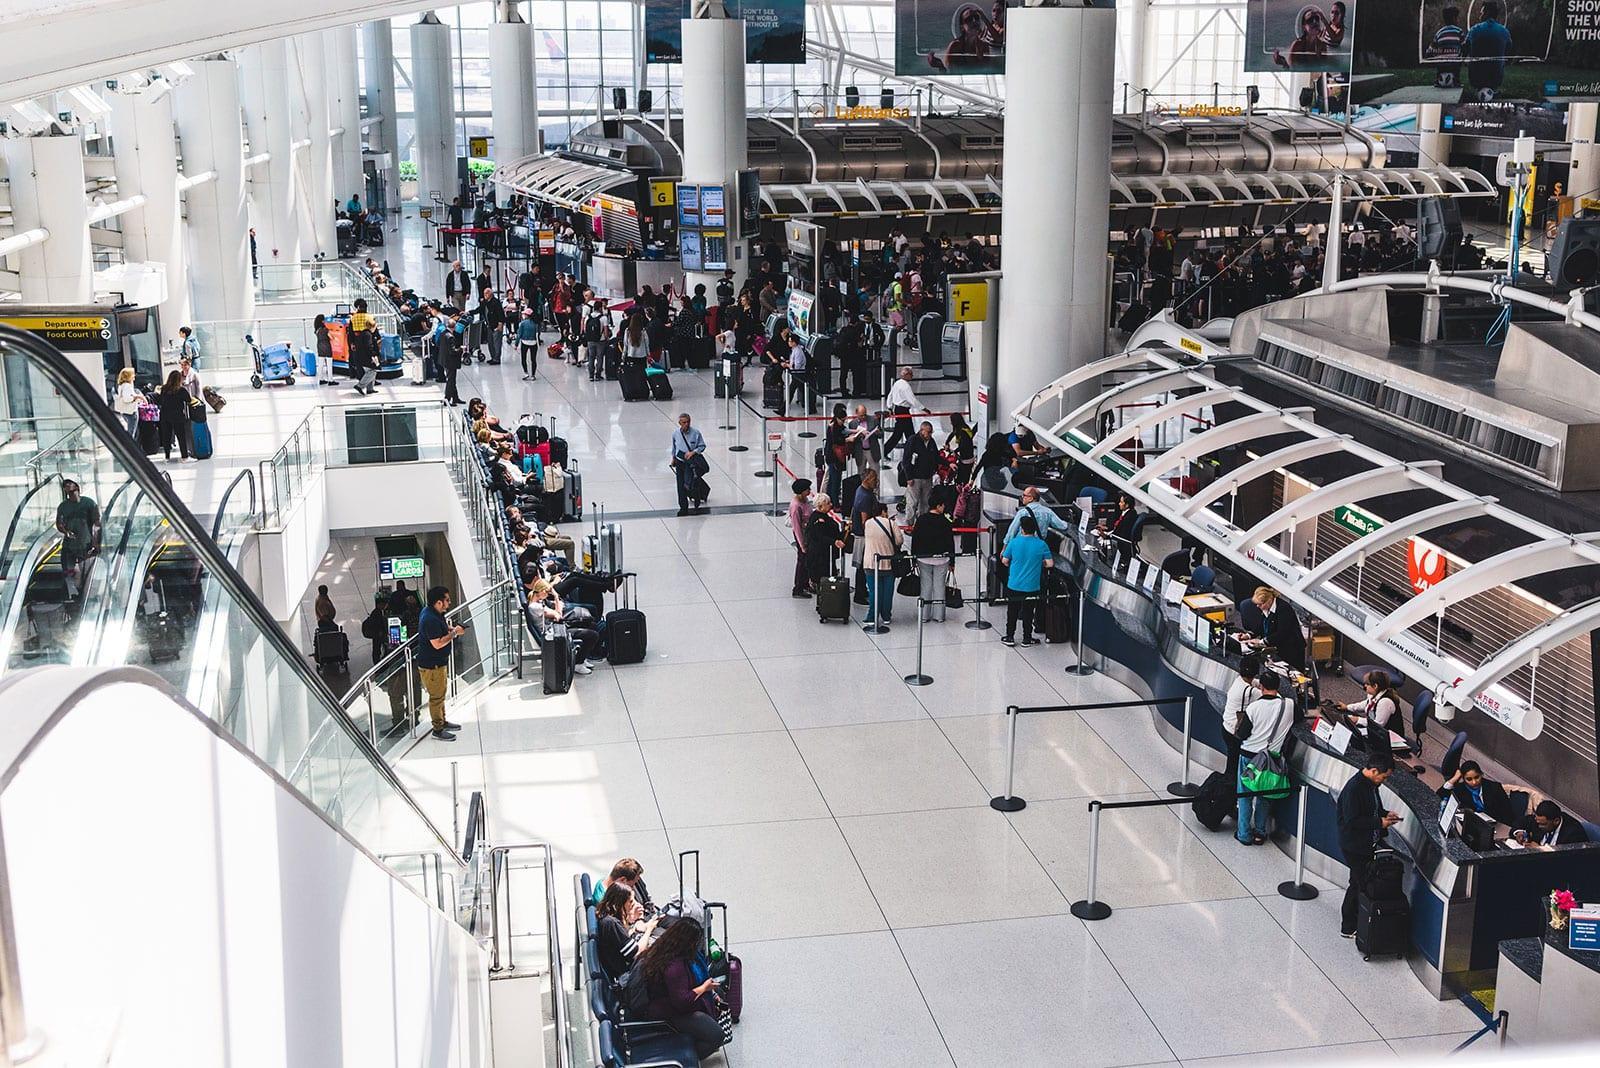 airport-new-york